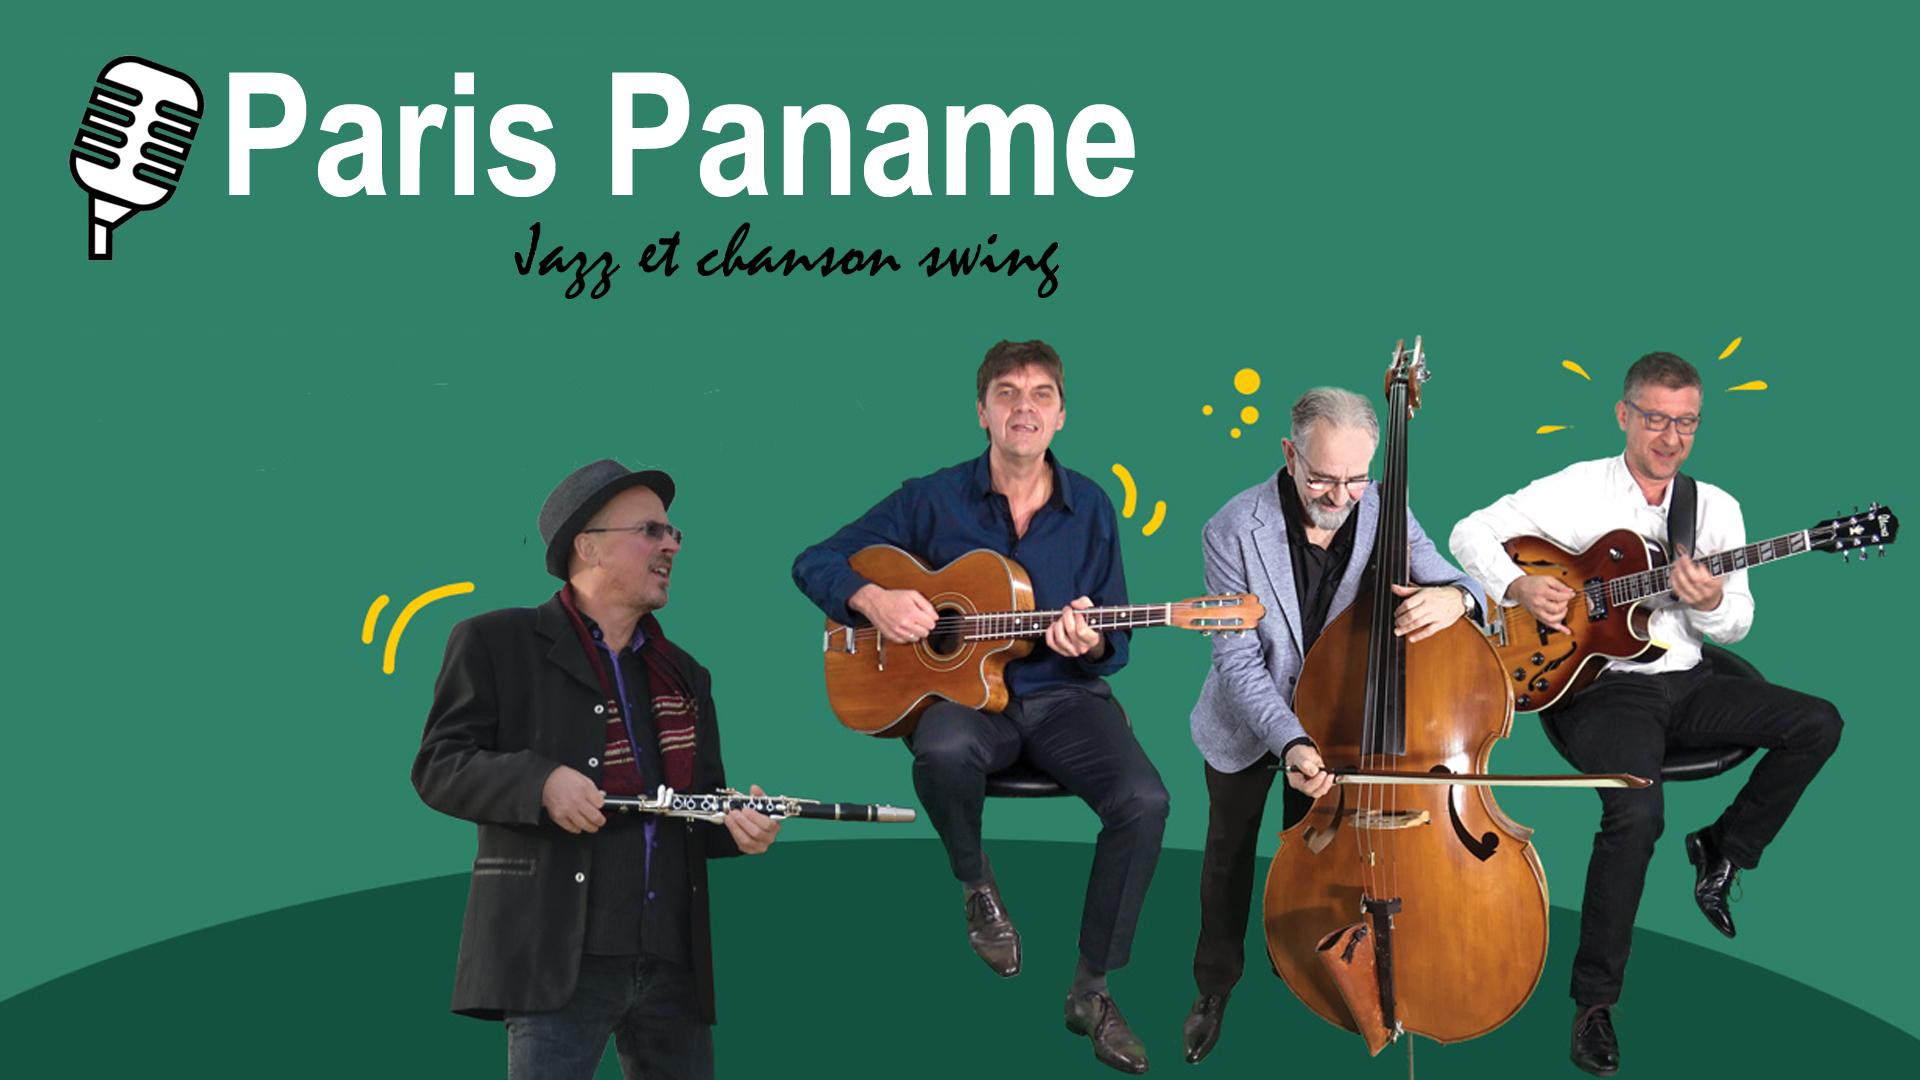 Paris Paname 4tet